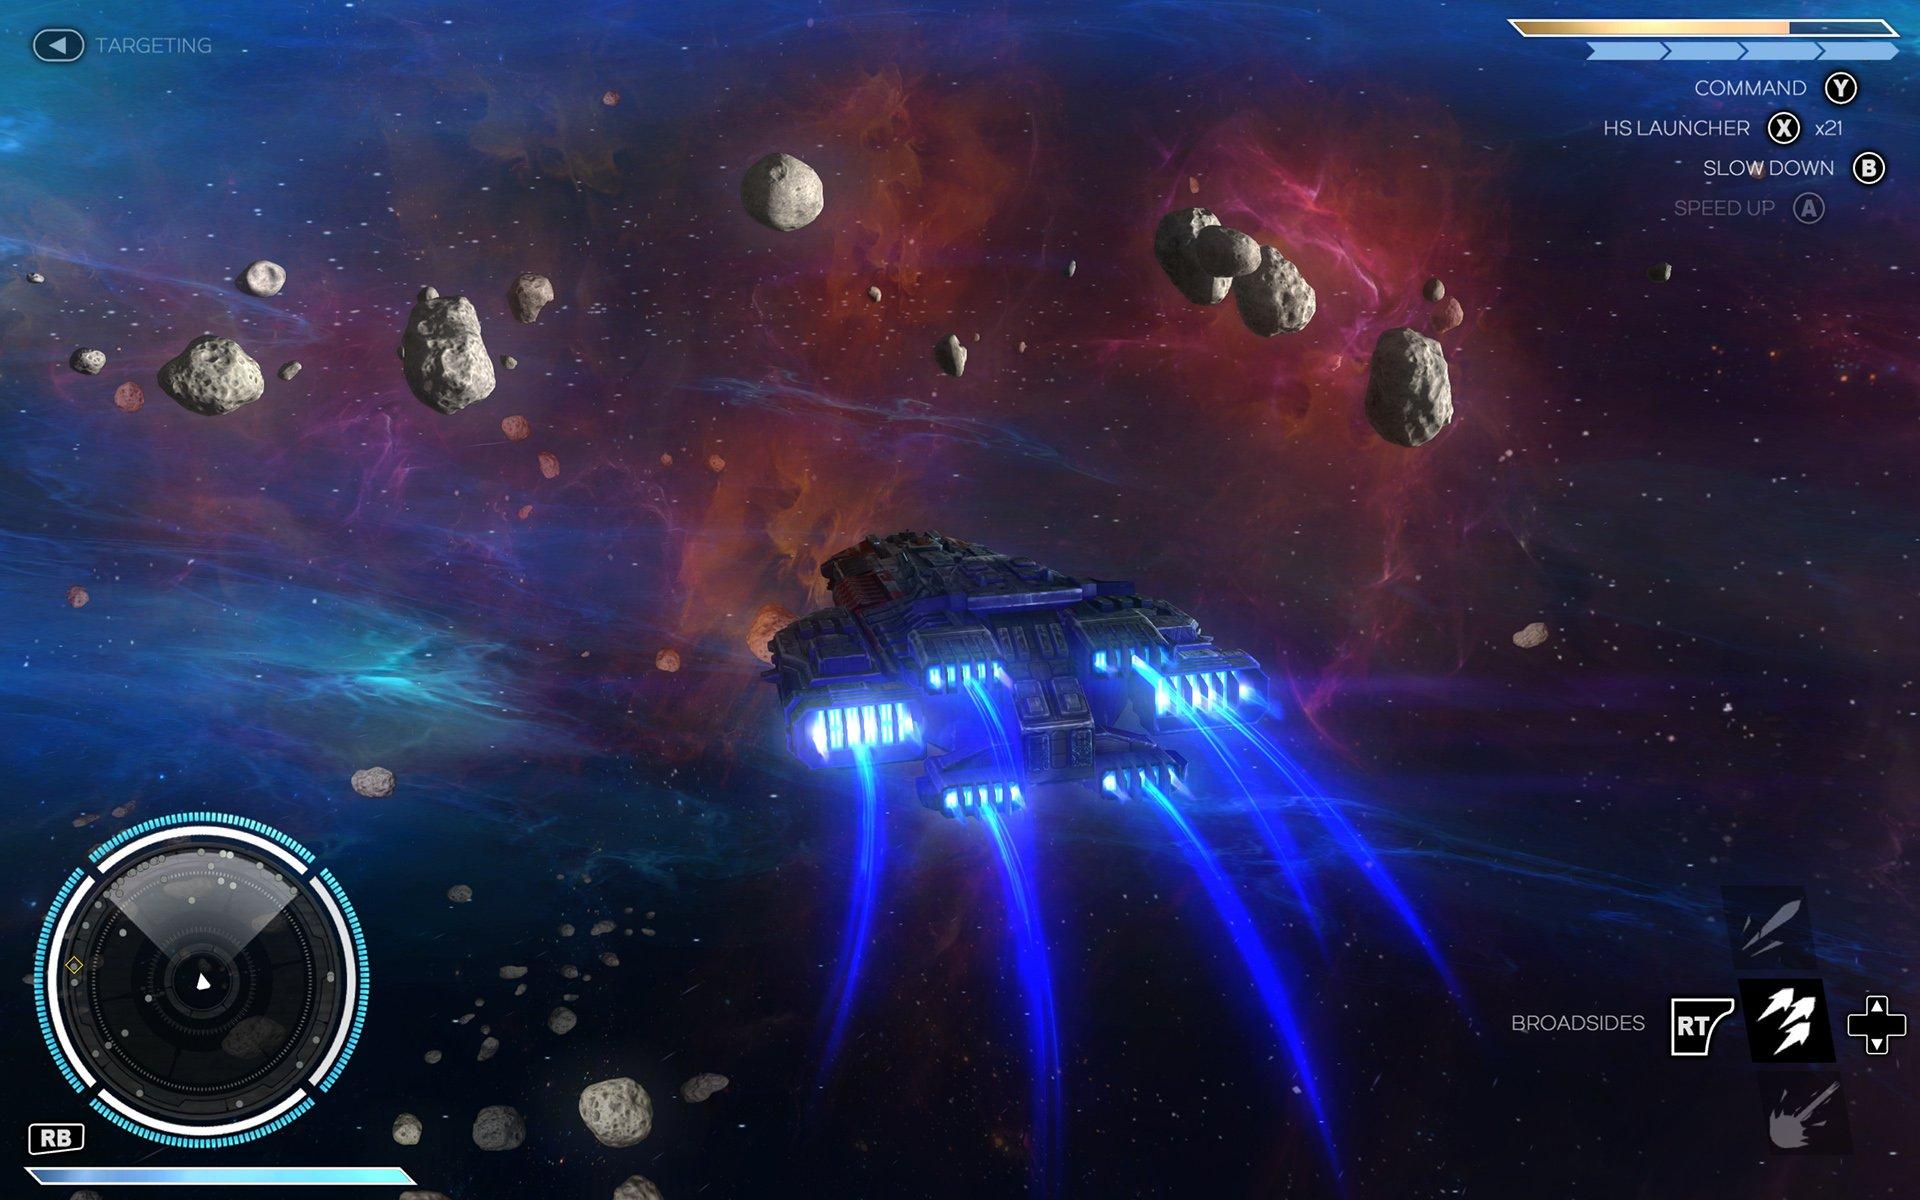 В поисках хорошего космосима. Обзор Rebel Galaxy. - Изображение 4